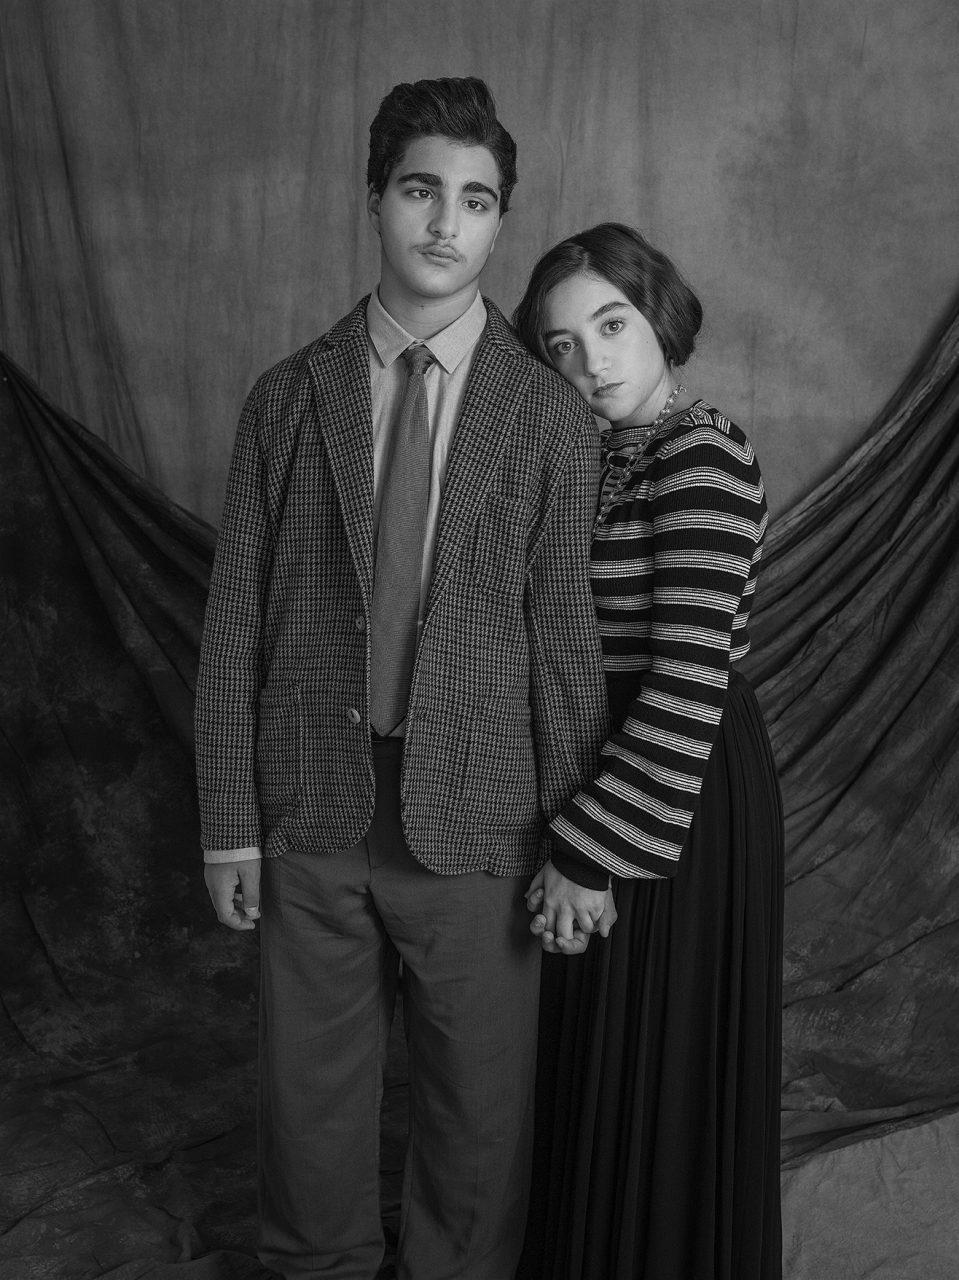 © Lukas Dhont Bendico Productions pour l'Académie des César et Chanel 2020